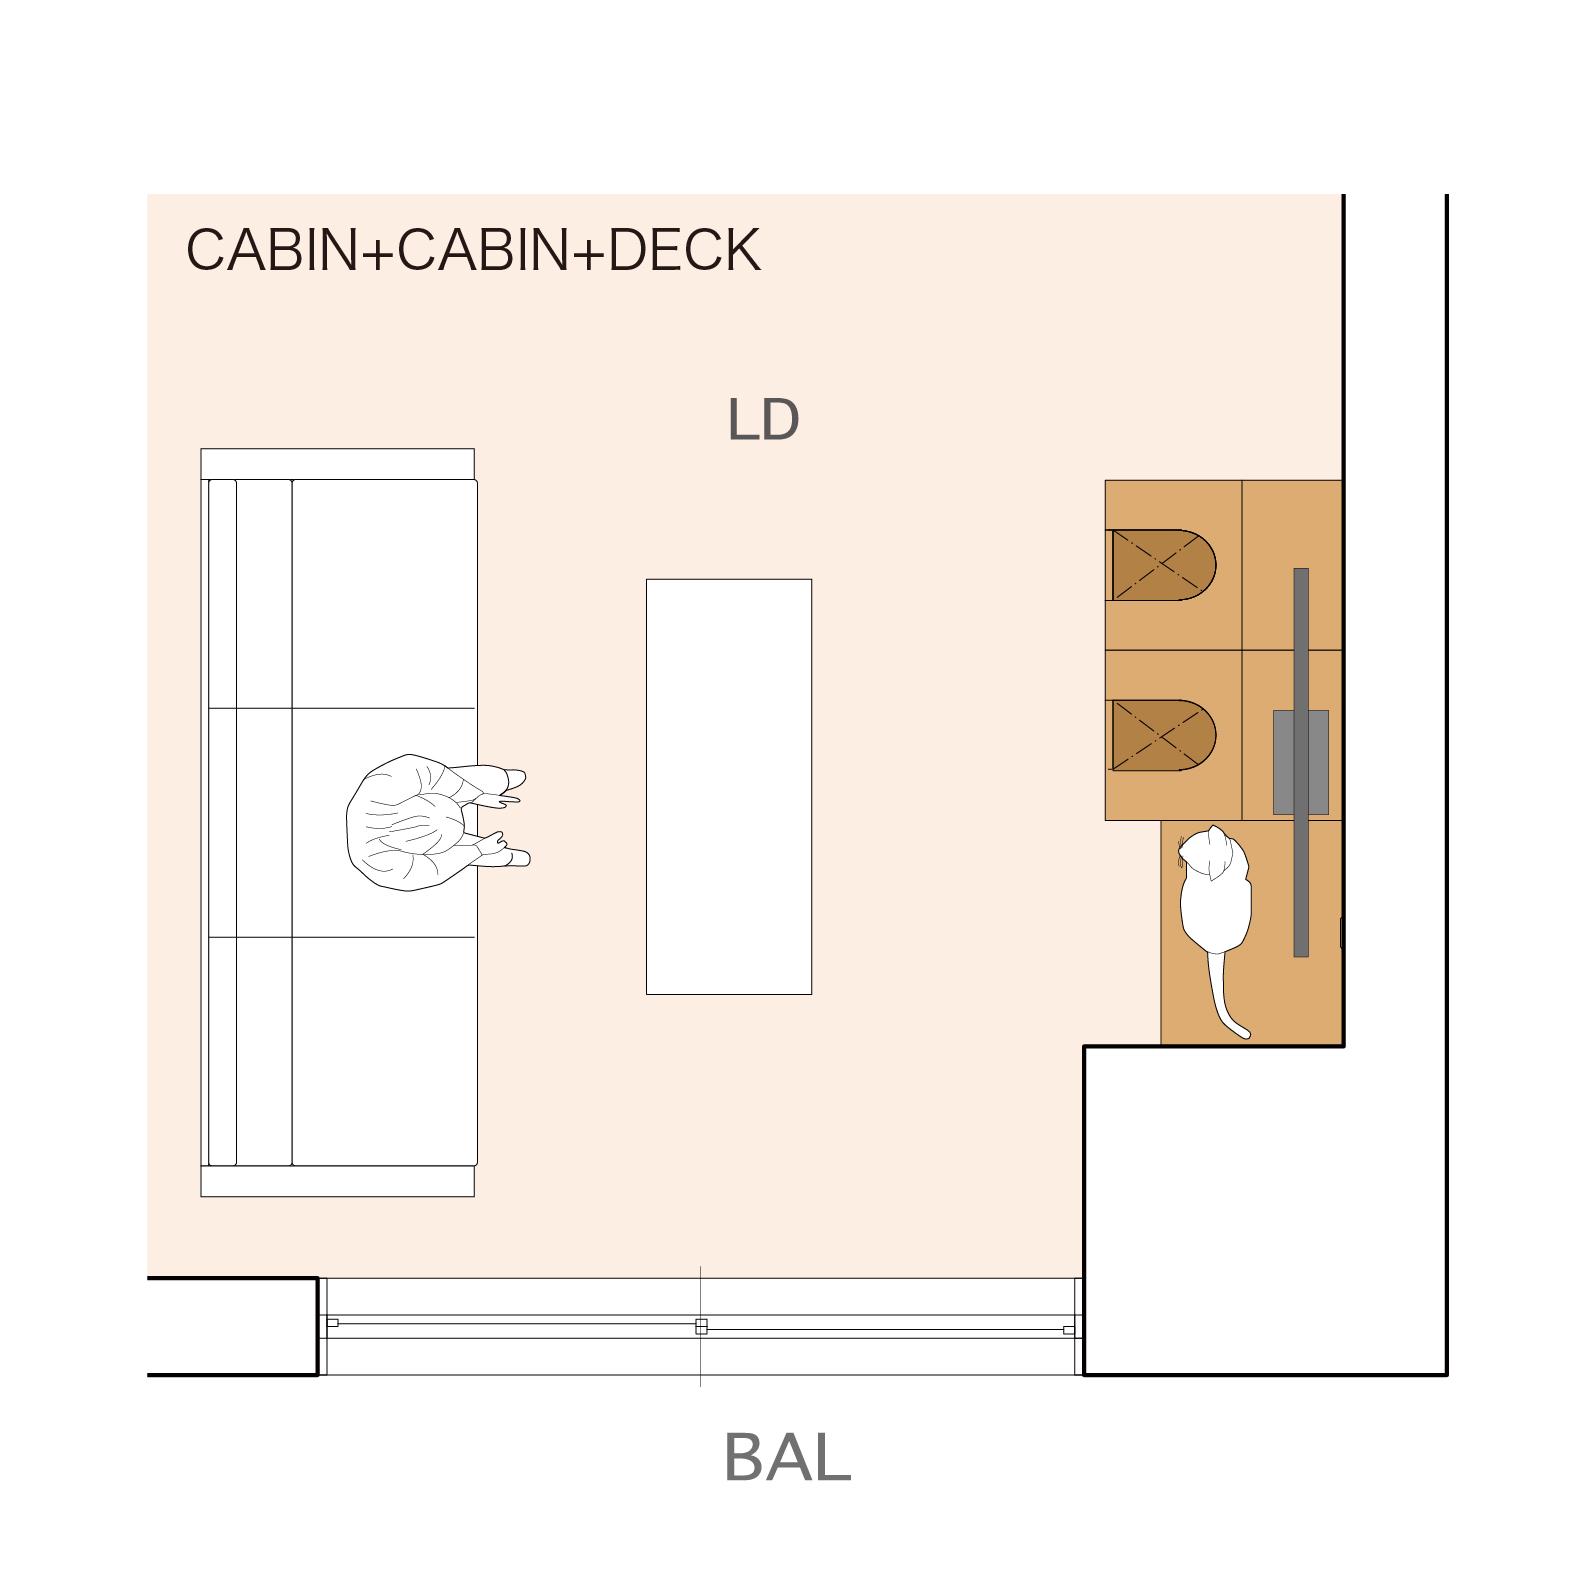 CABIN + DECK + CABIN